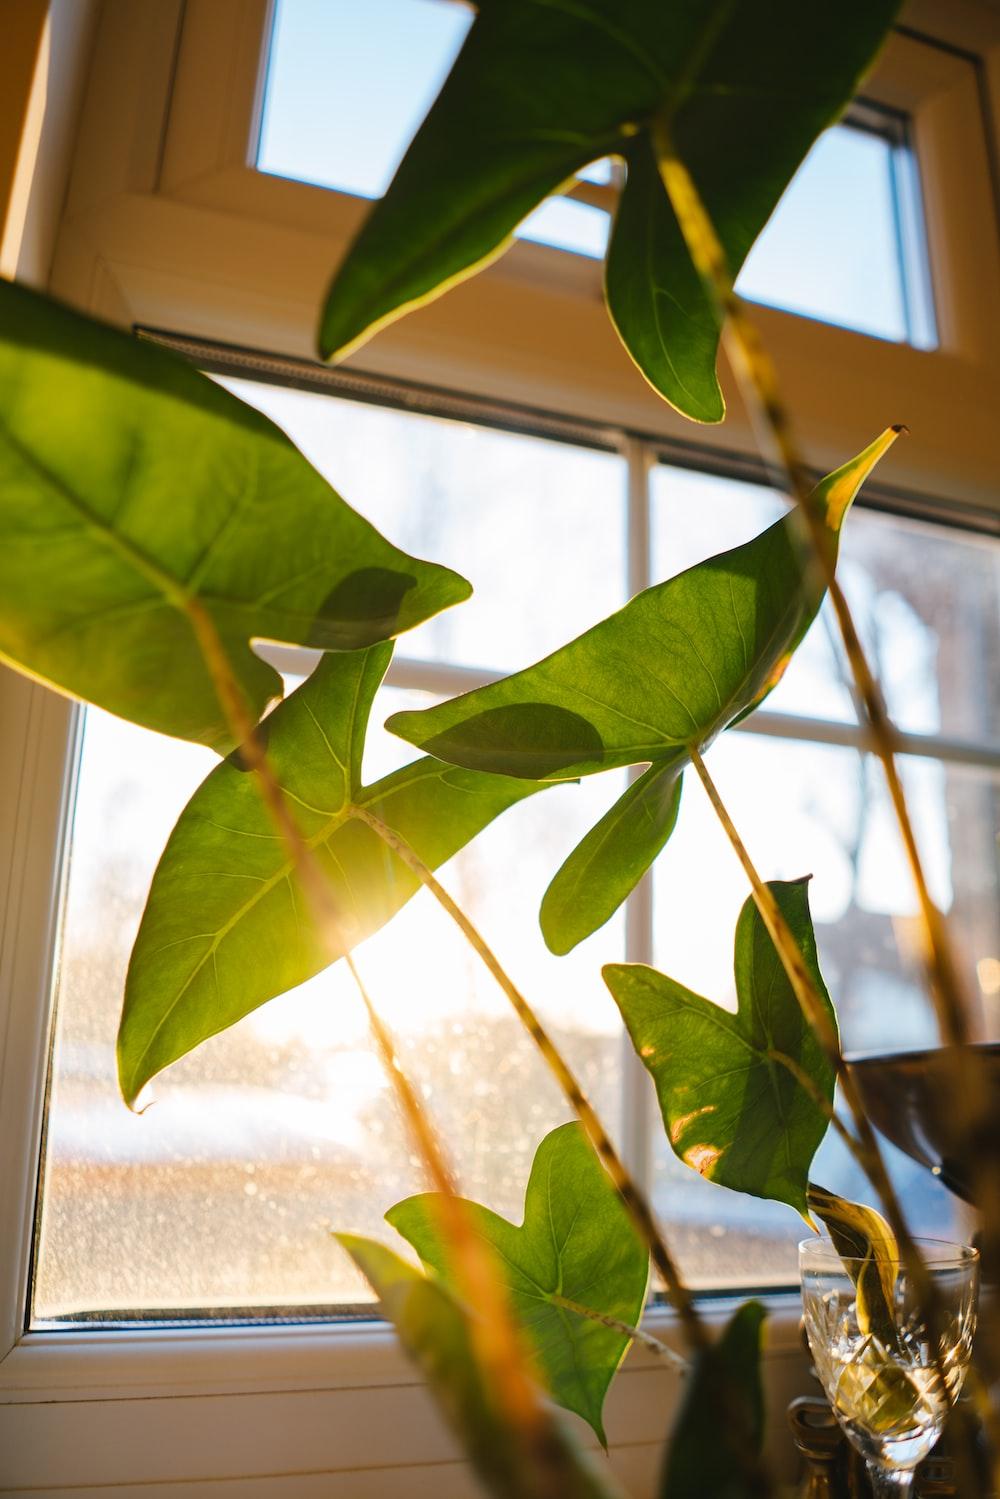 green leaves near glass window